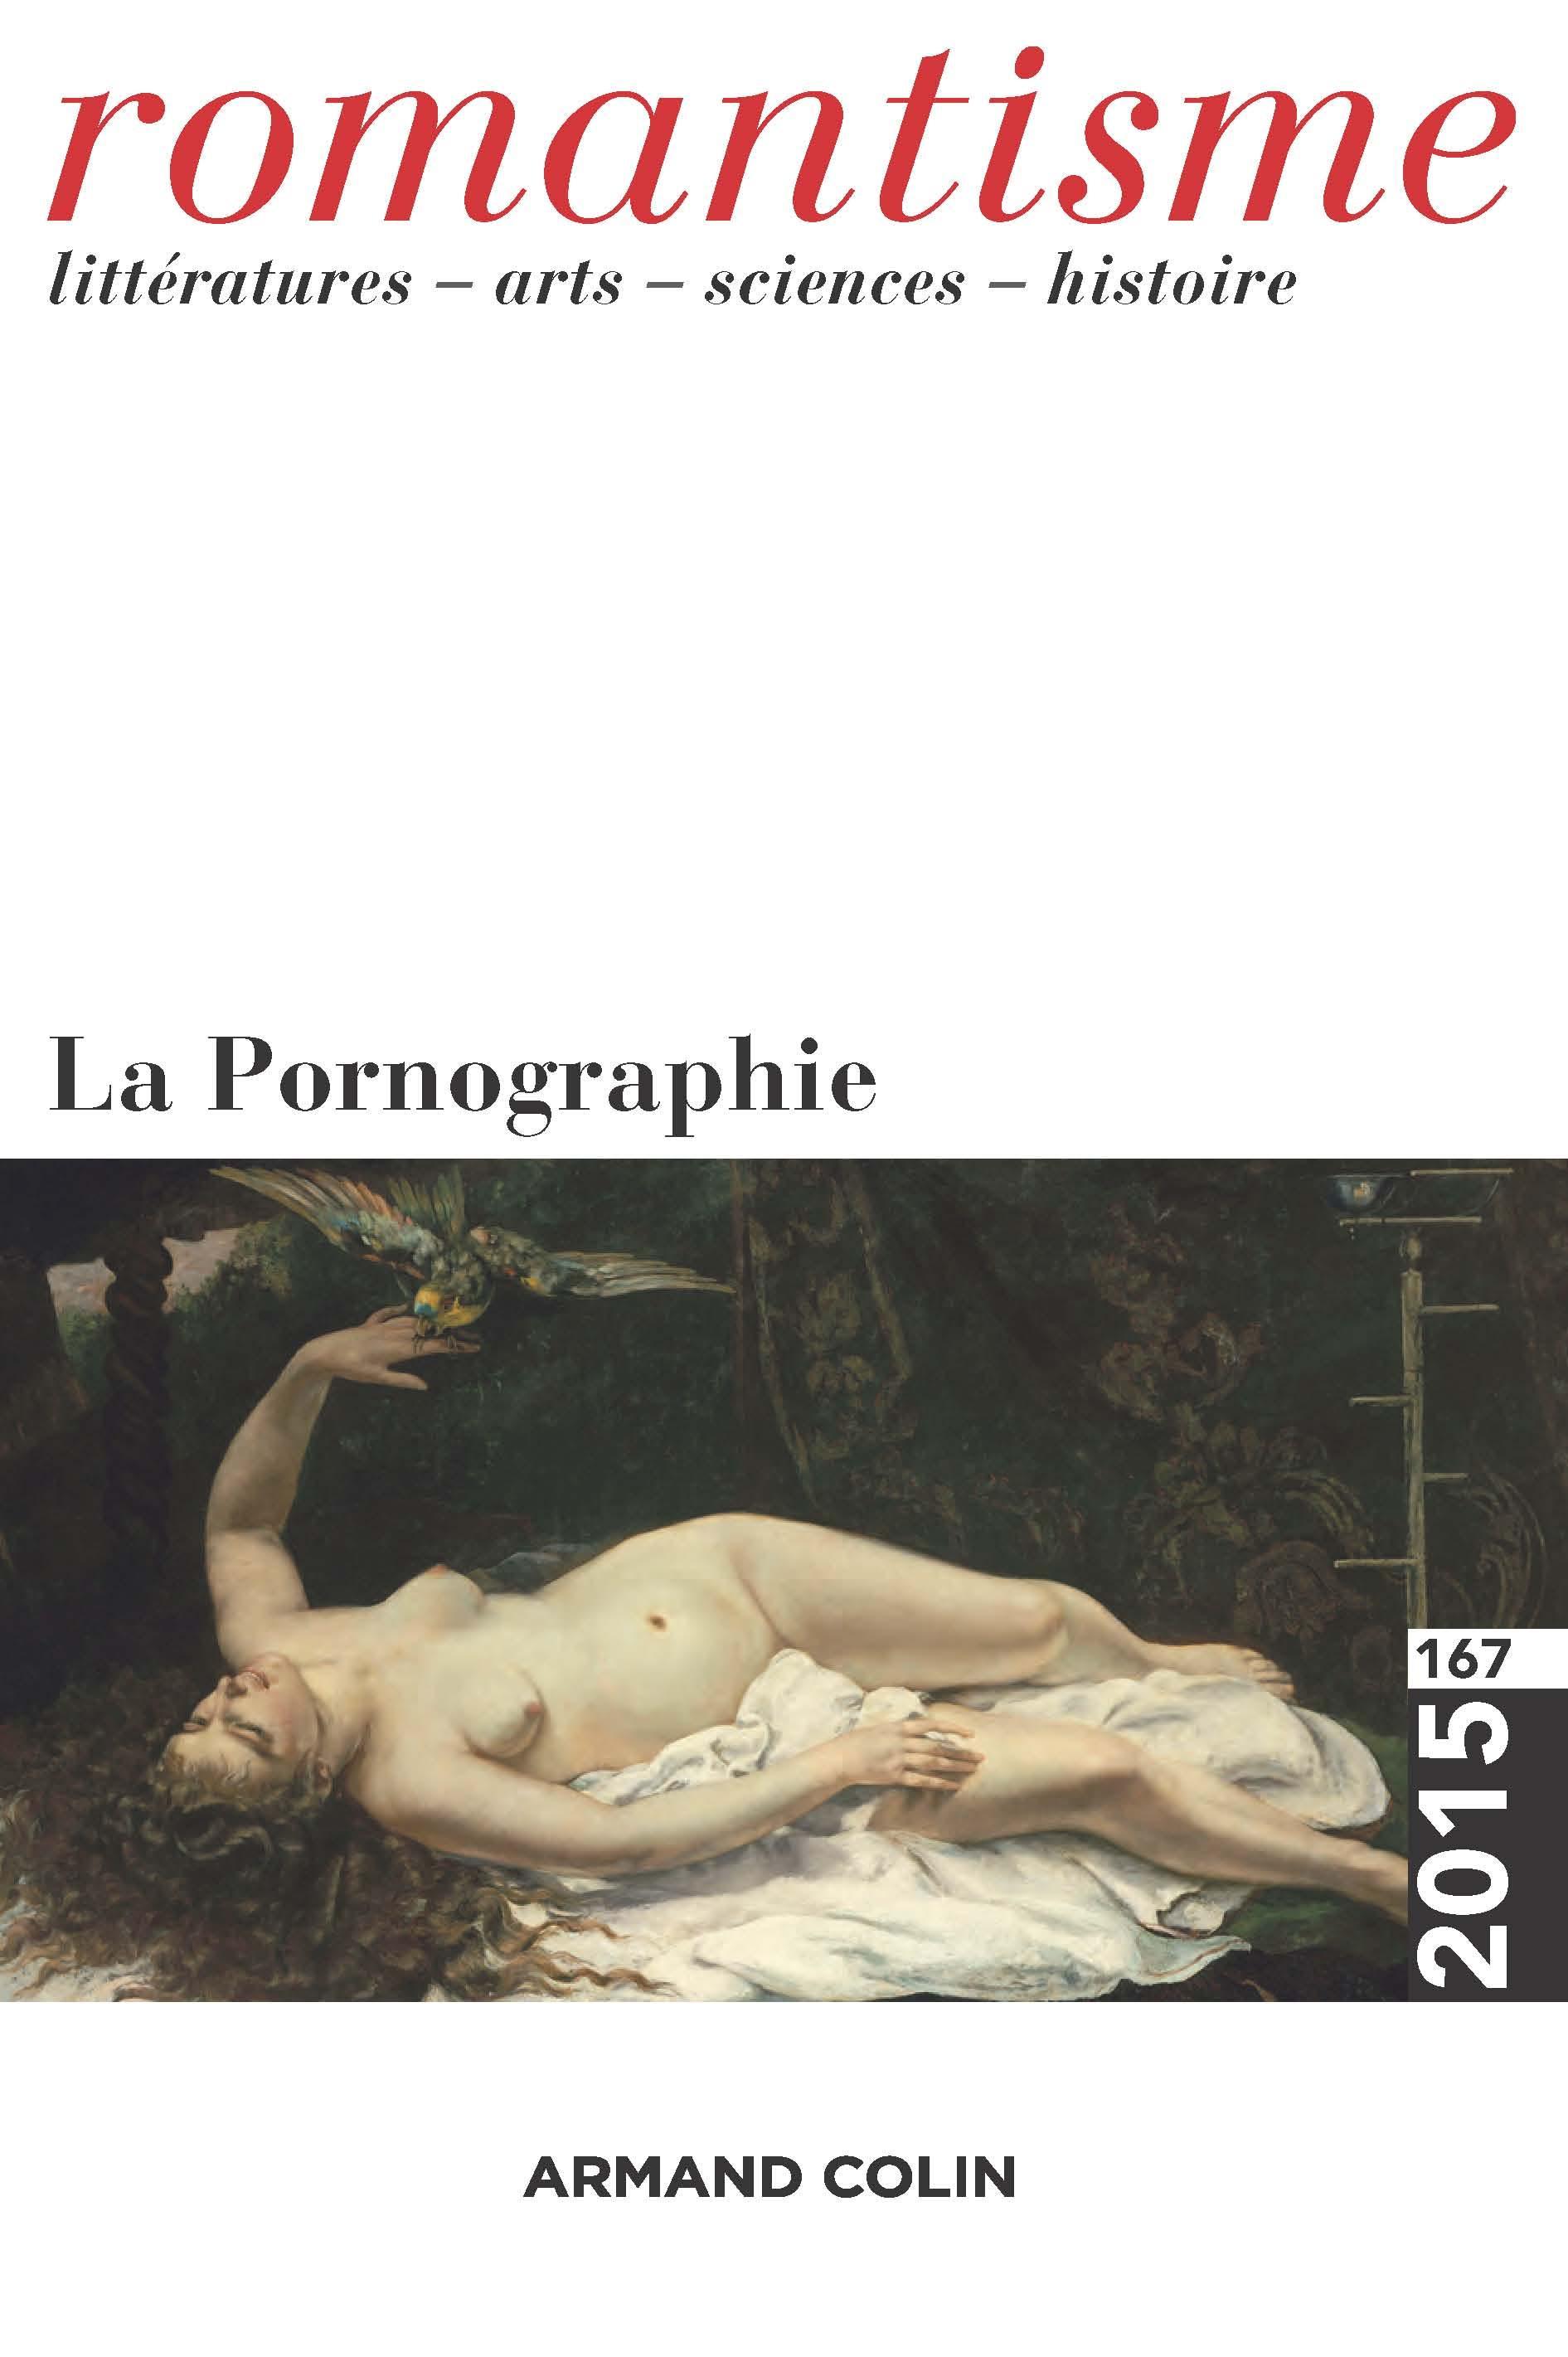 Quand Zola devenait sérieusement pornographe Étude des enjeux de l'écriture pornographique à la fin du XIXe siècle